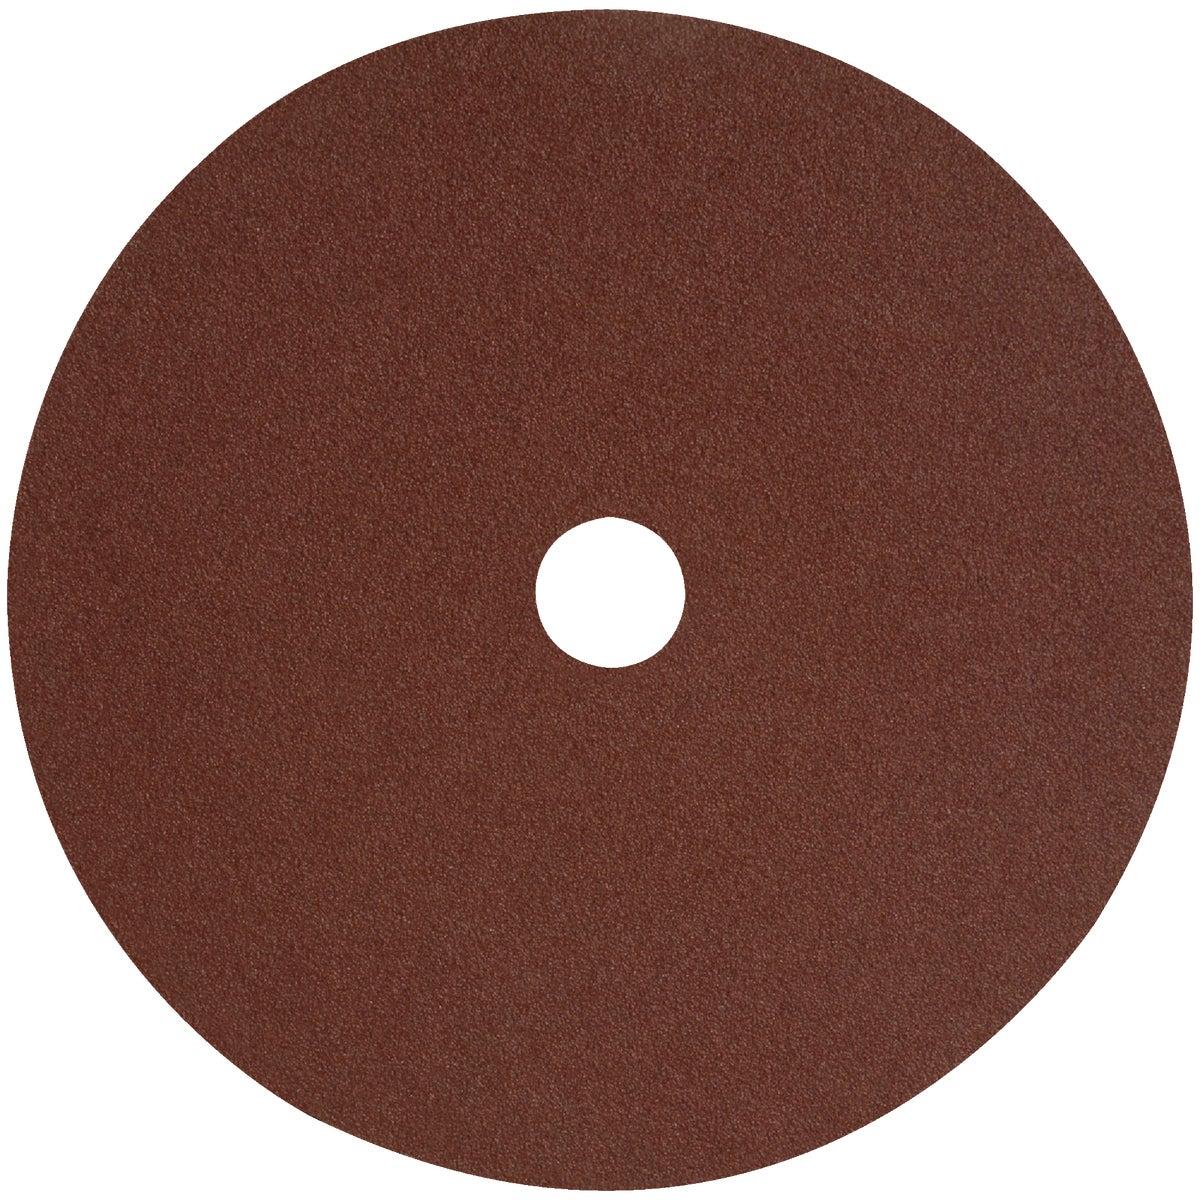 80G RESIN DISC - DARB1G0805 by DeWalt